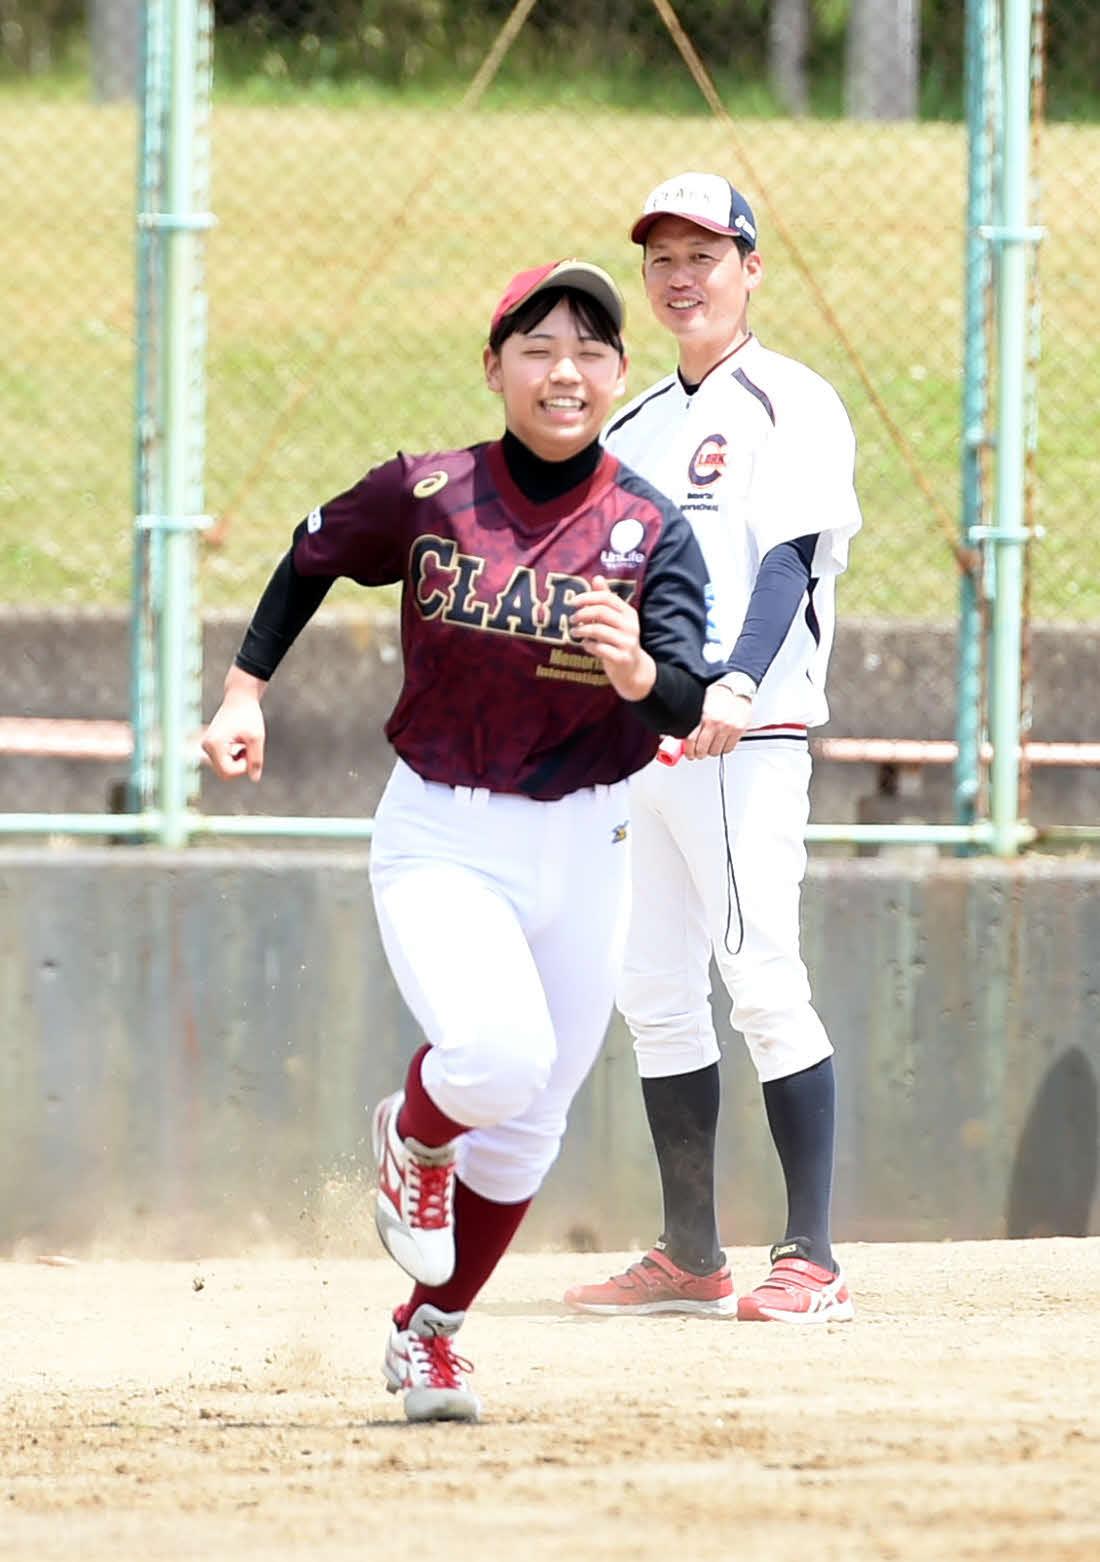 17日、走り込み練習を見守るクラーク仙台・渡辺部長(奥)